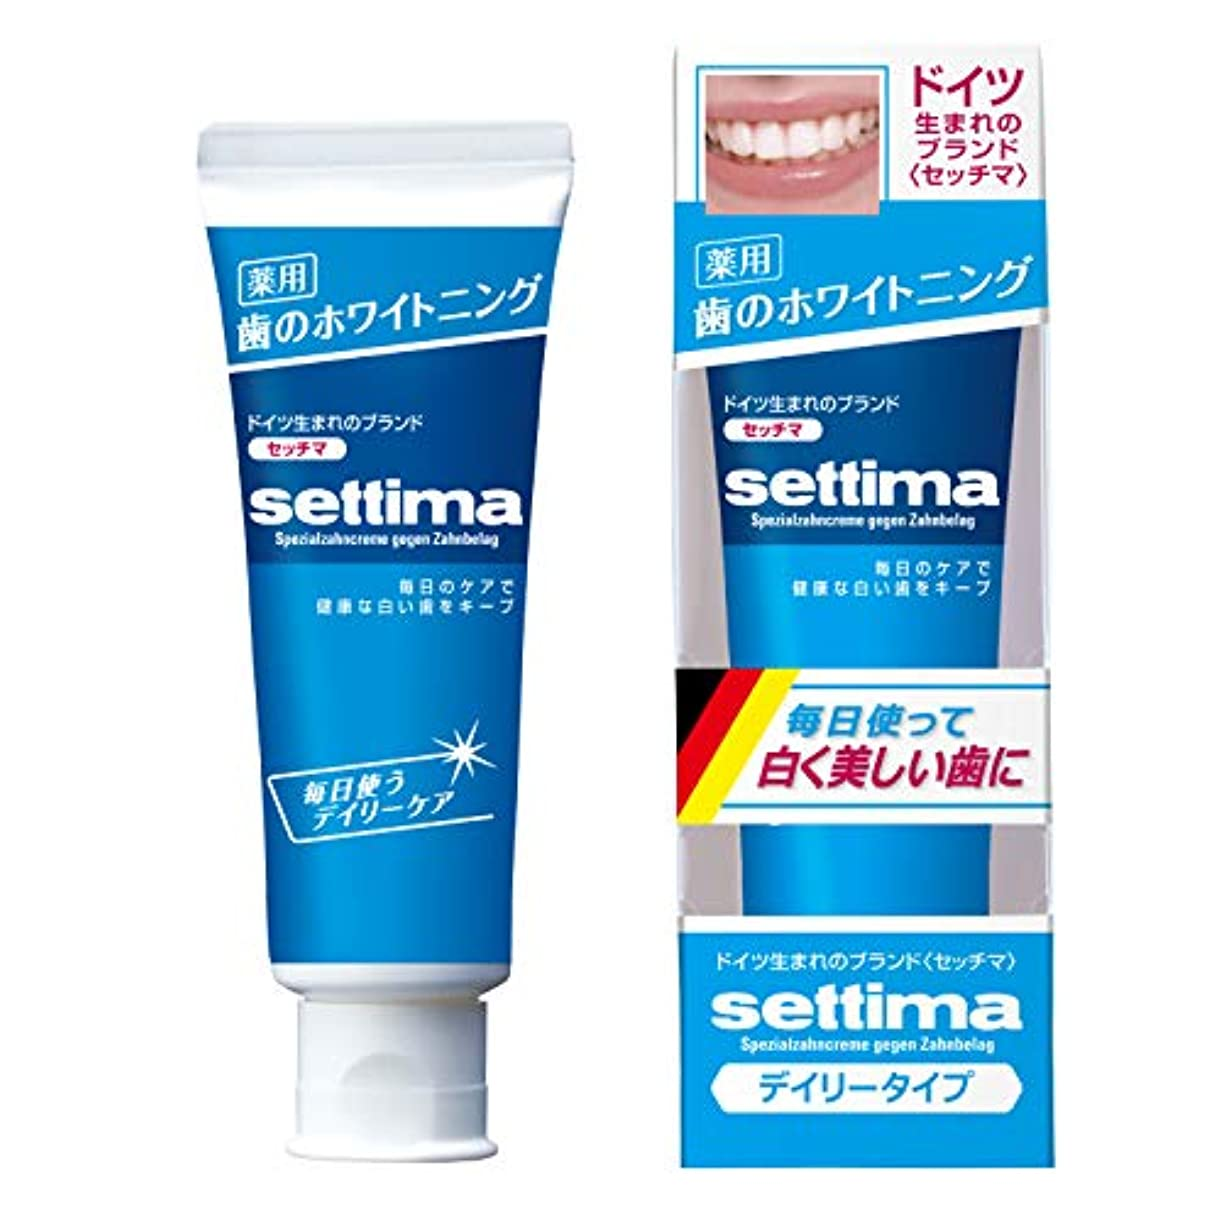 貪欲助言助言する[医薬部外品] settima(セッチマ) ホワイトニング 歯みがき デイリーケア [ファインミントタイプ] <ステインケア タバコのヤニ取り フッ素配合 虫歯予防> 80g